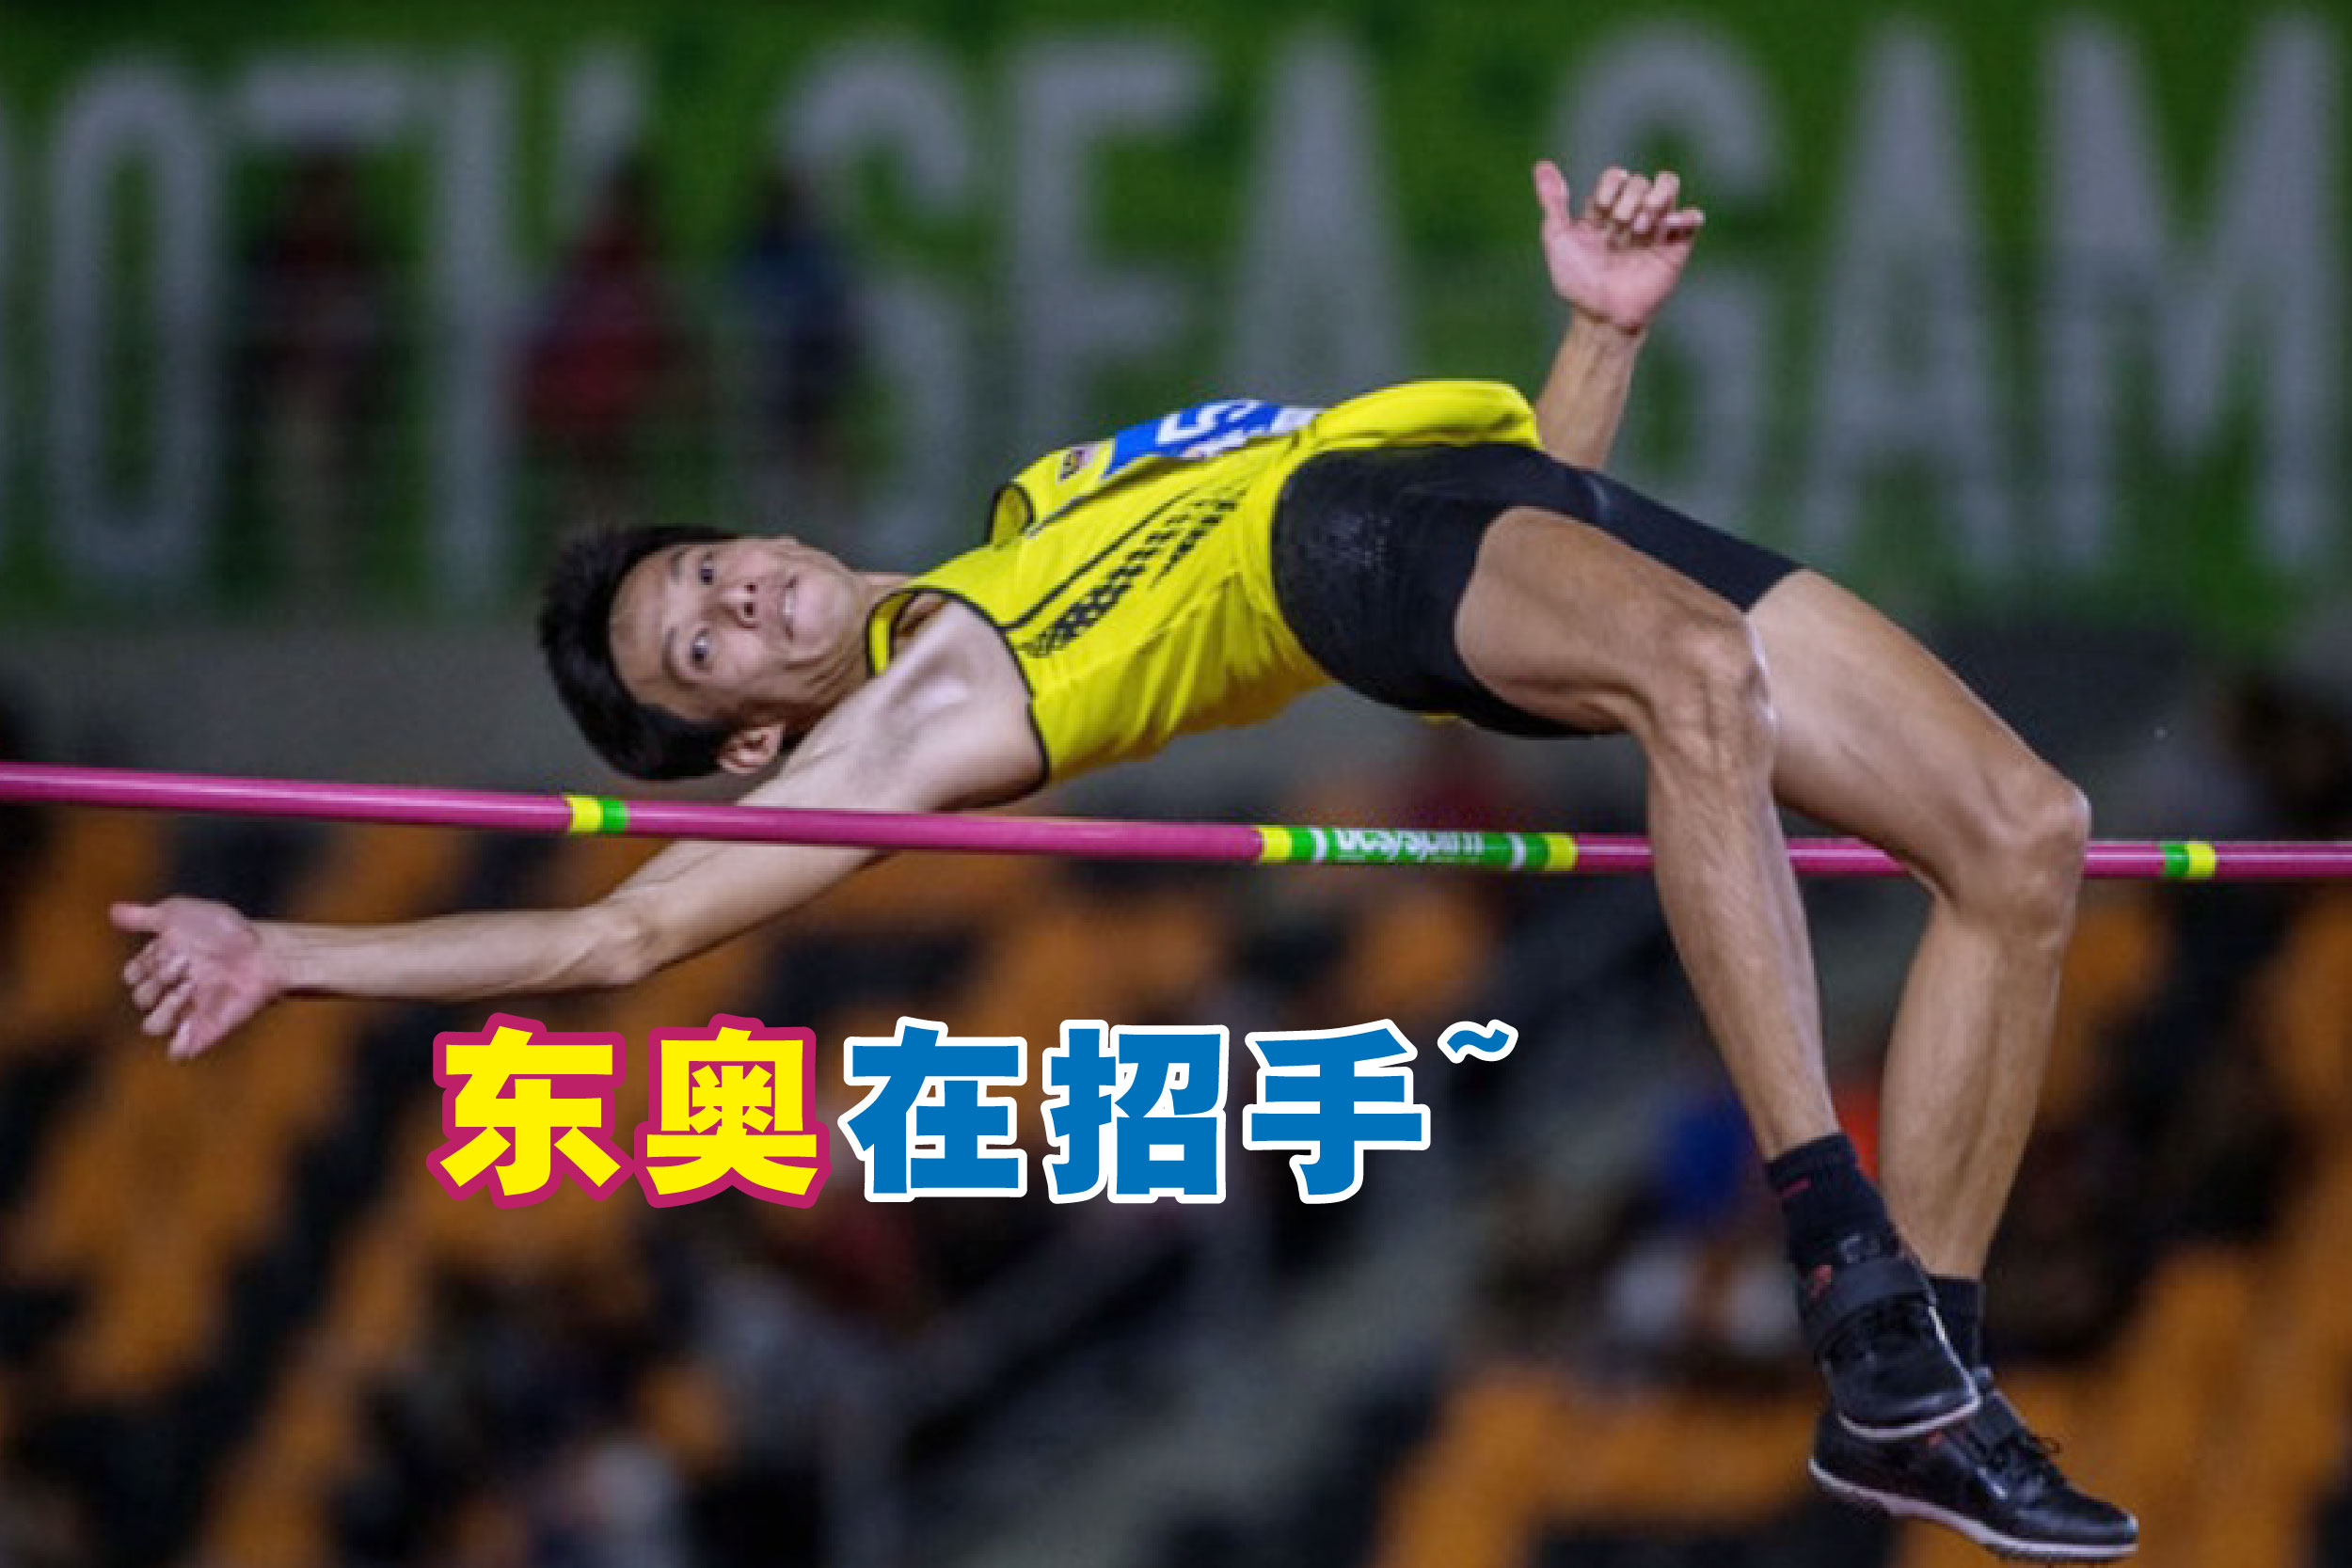 大马跳高王子李合伟,由于世界排名靠前,成为得到东京奥运会田径赛项的首选国手。-马新社/精彩大马制图-